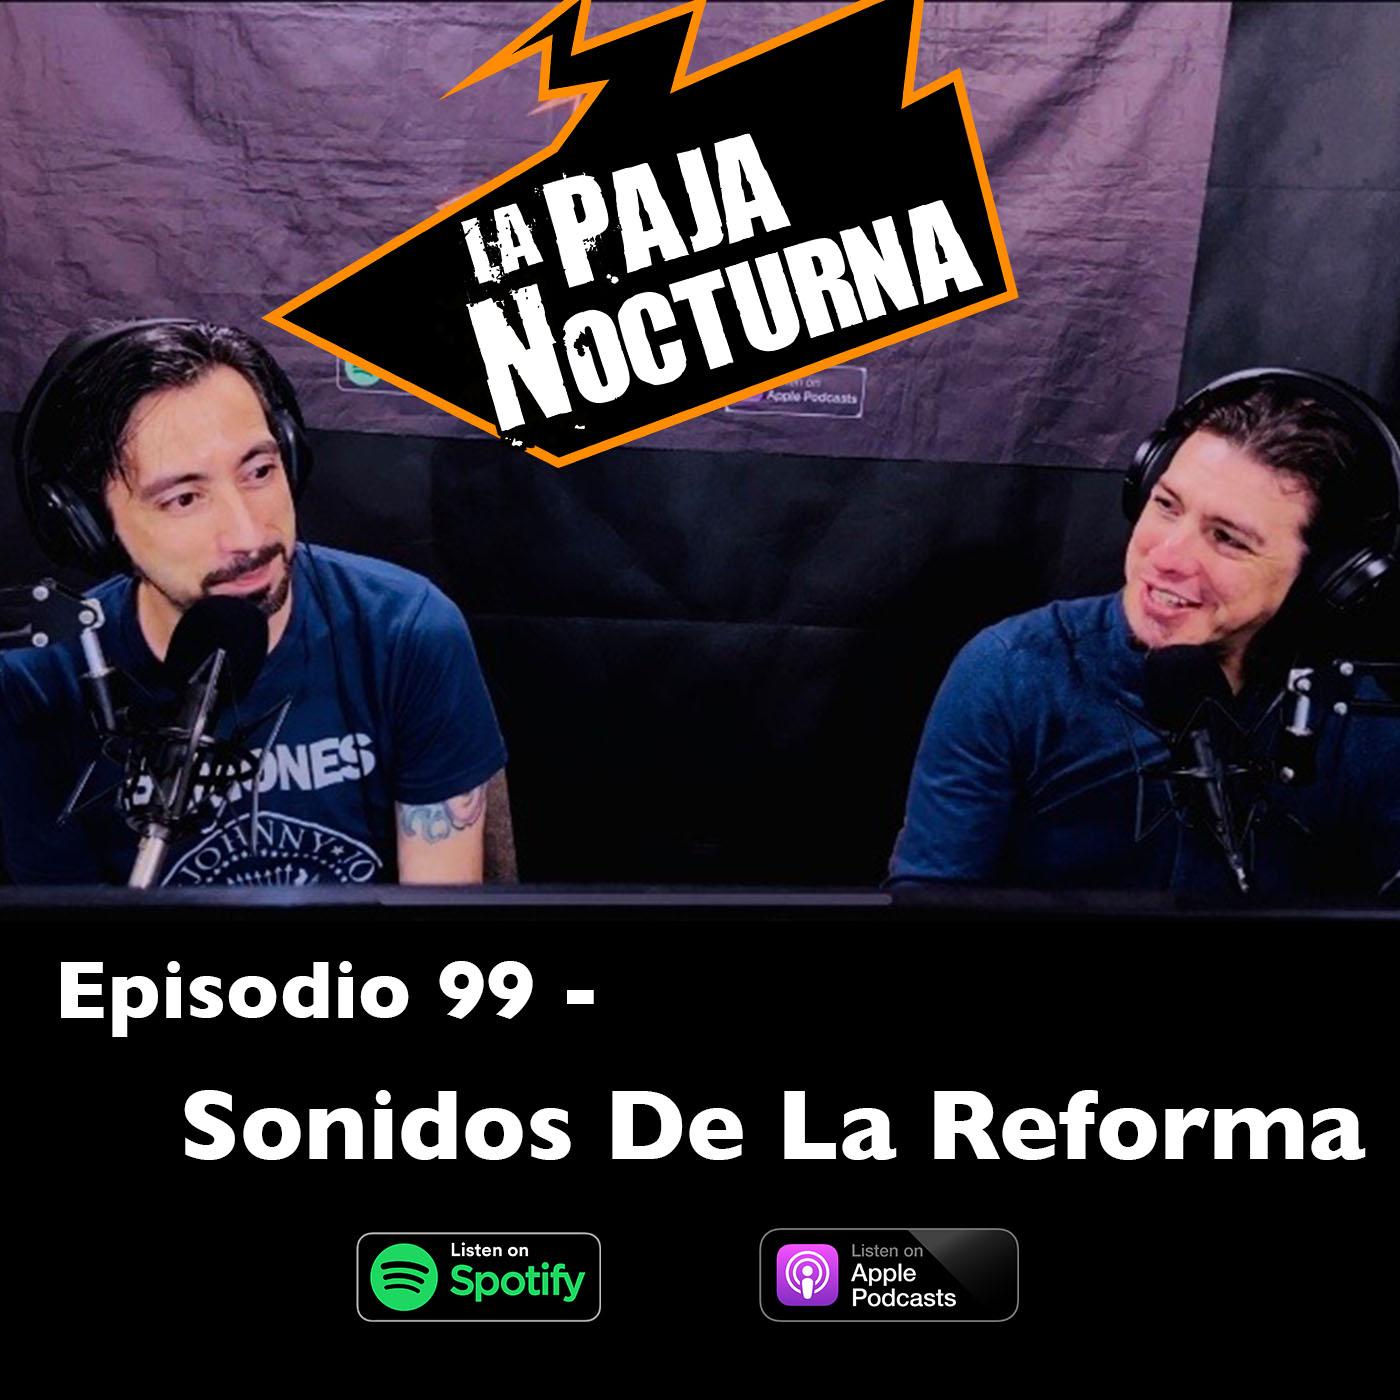 La paja nocturna podcast Episodio 99